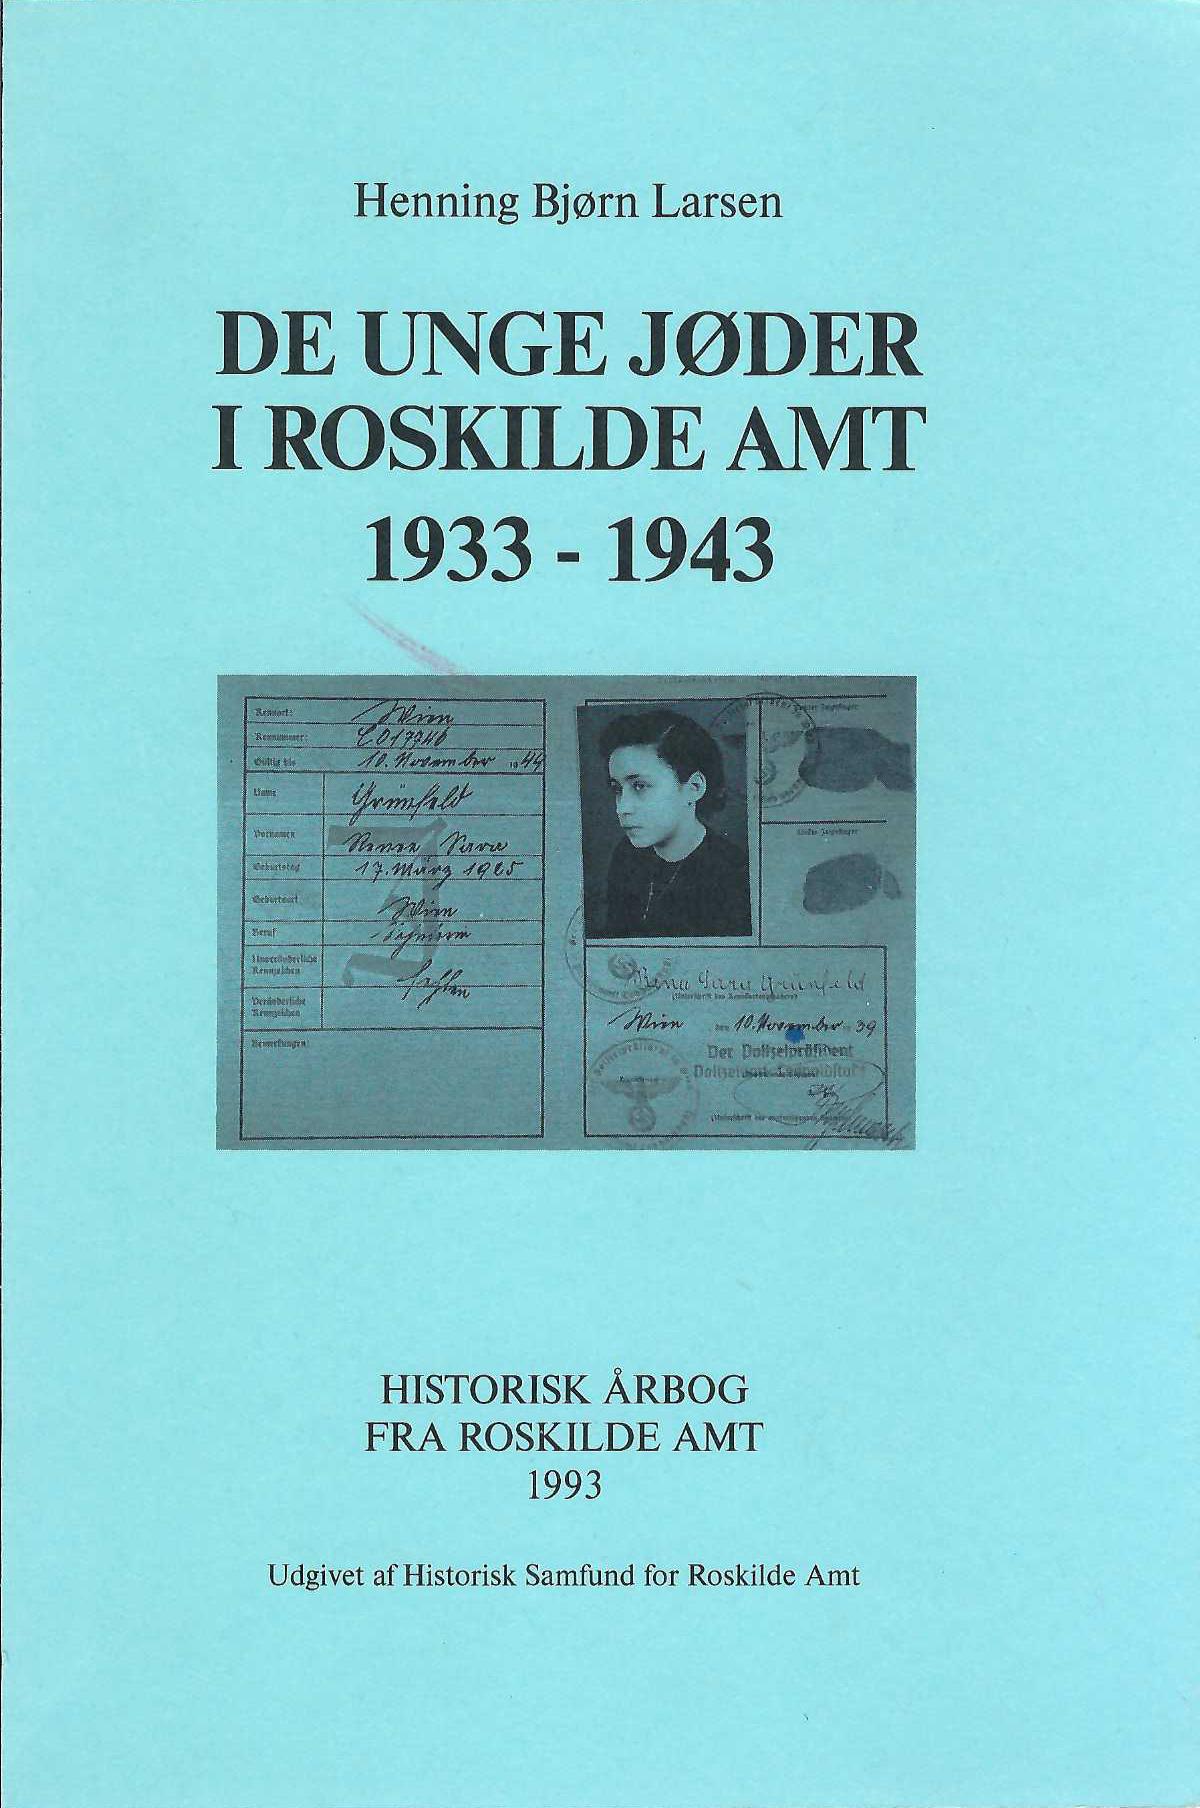 Se Årg. 1 Nr. 1 (1993): Historisk årbog fra Roskilde amt 1993: De unge jøder i Roskilde amt 1933-1943